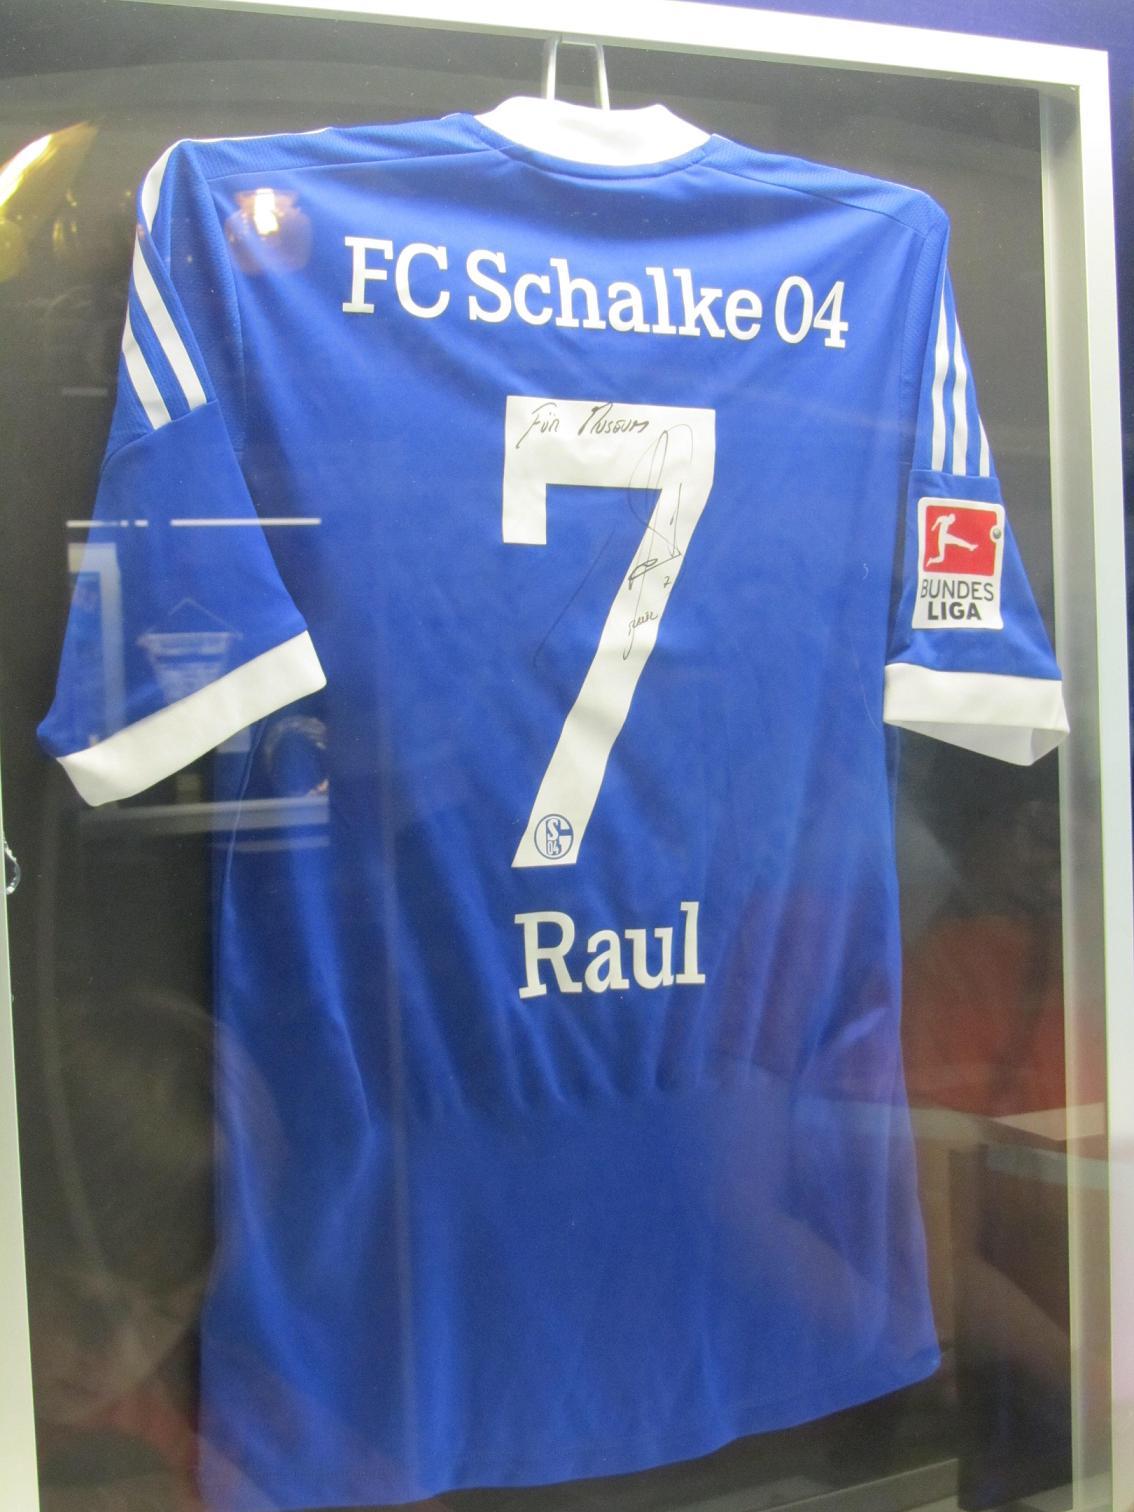 Trikot von Raul im Schalke-Museum